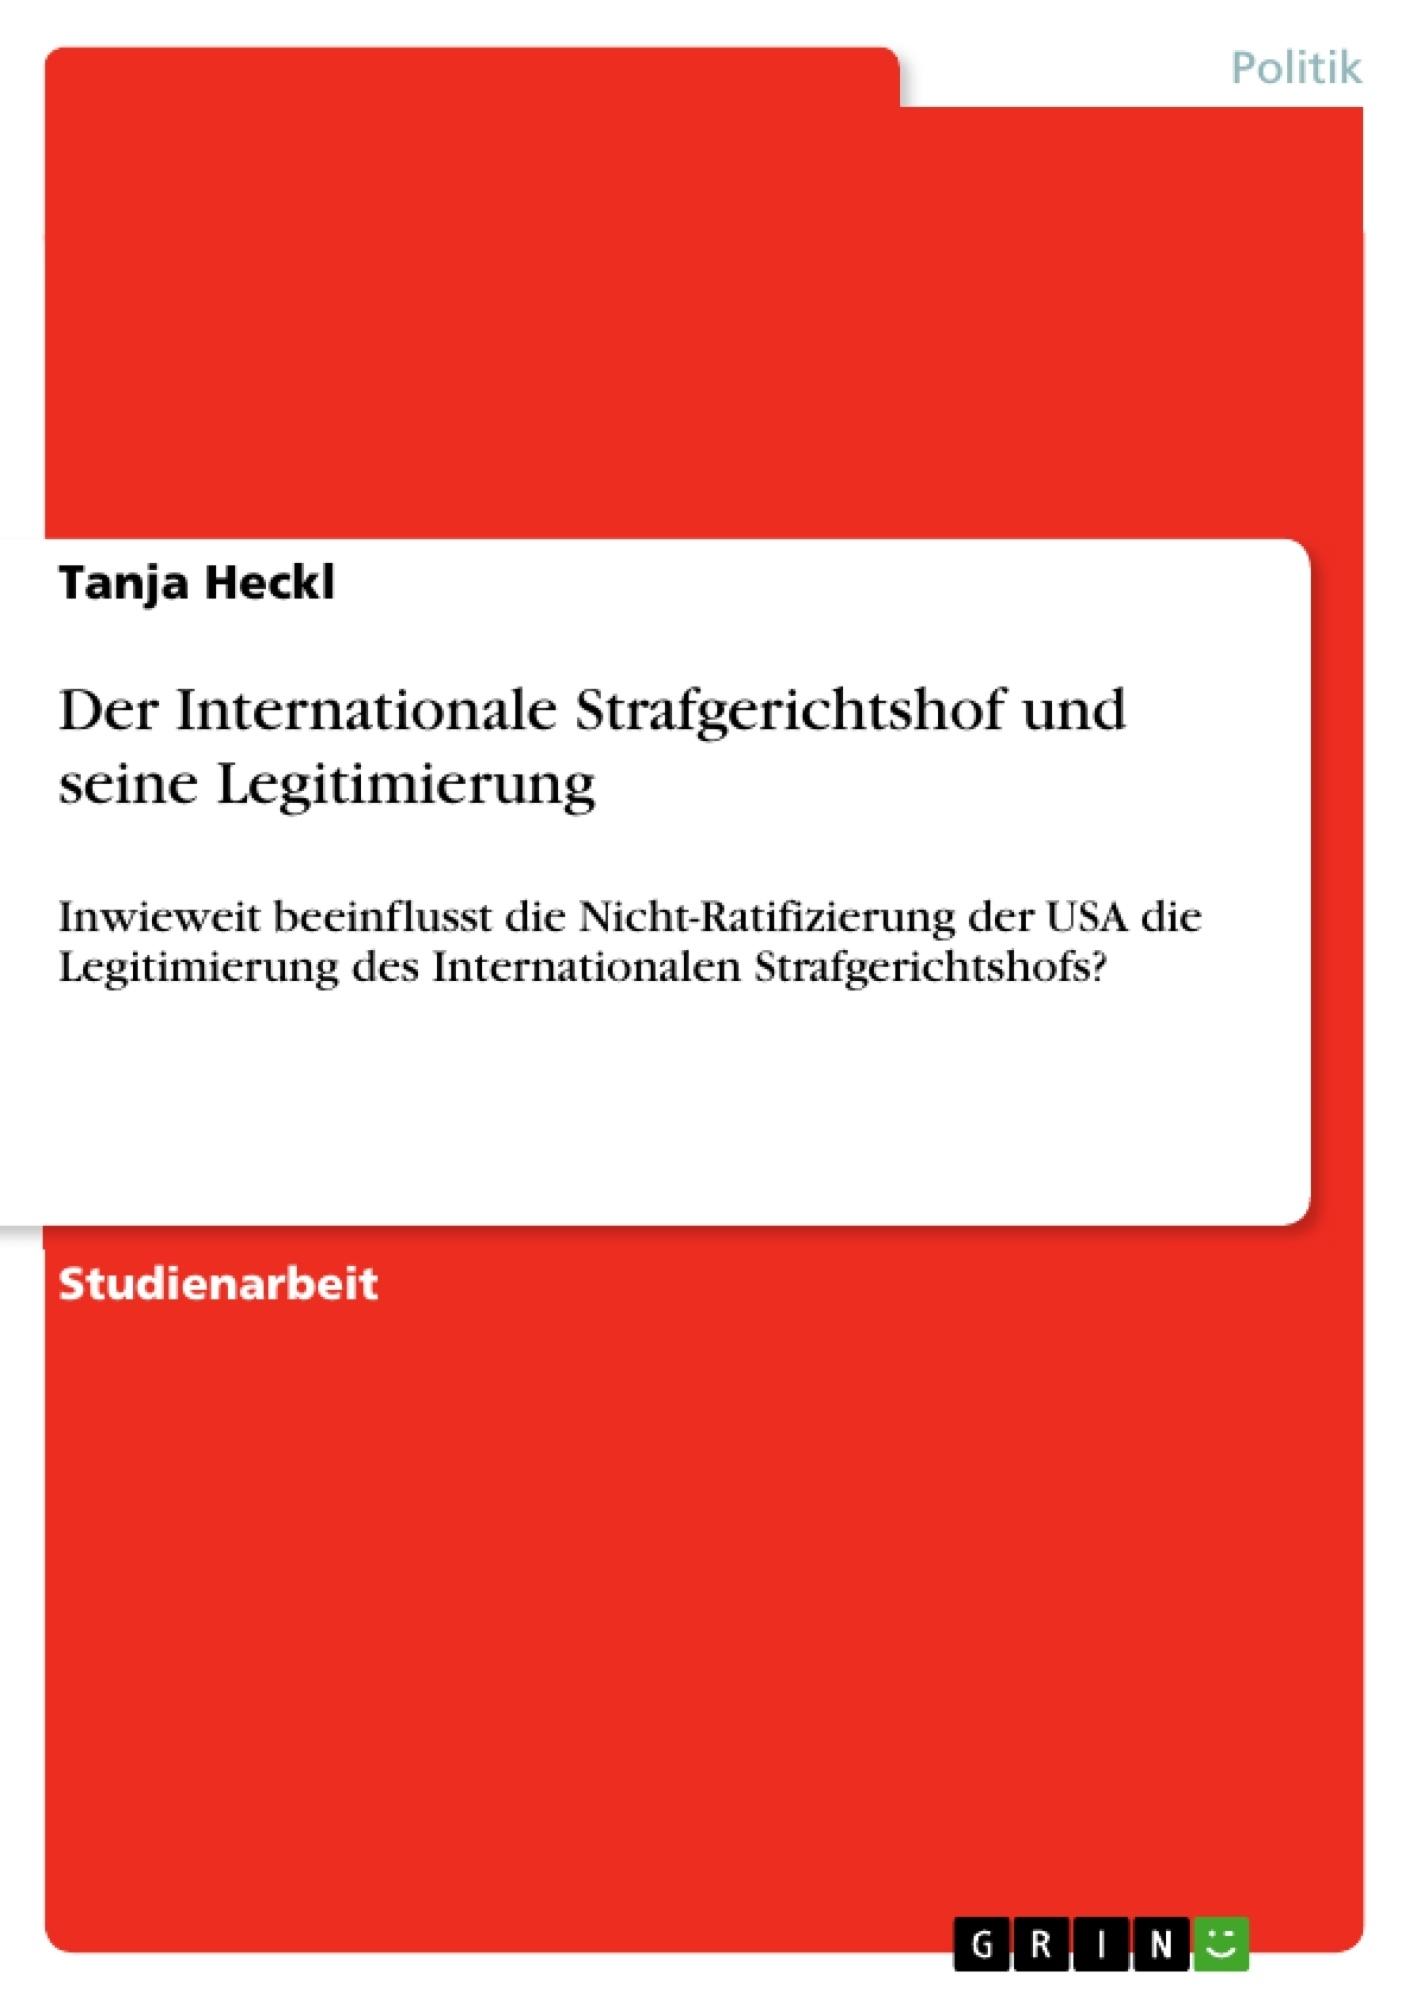 Titel: Der Internationale Strafgerichtshof und seine Legitimierung